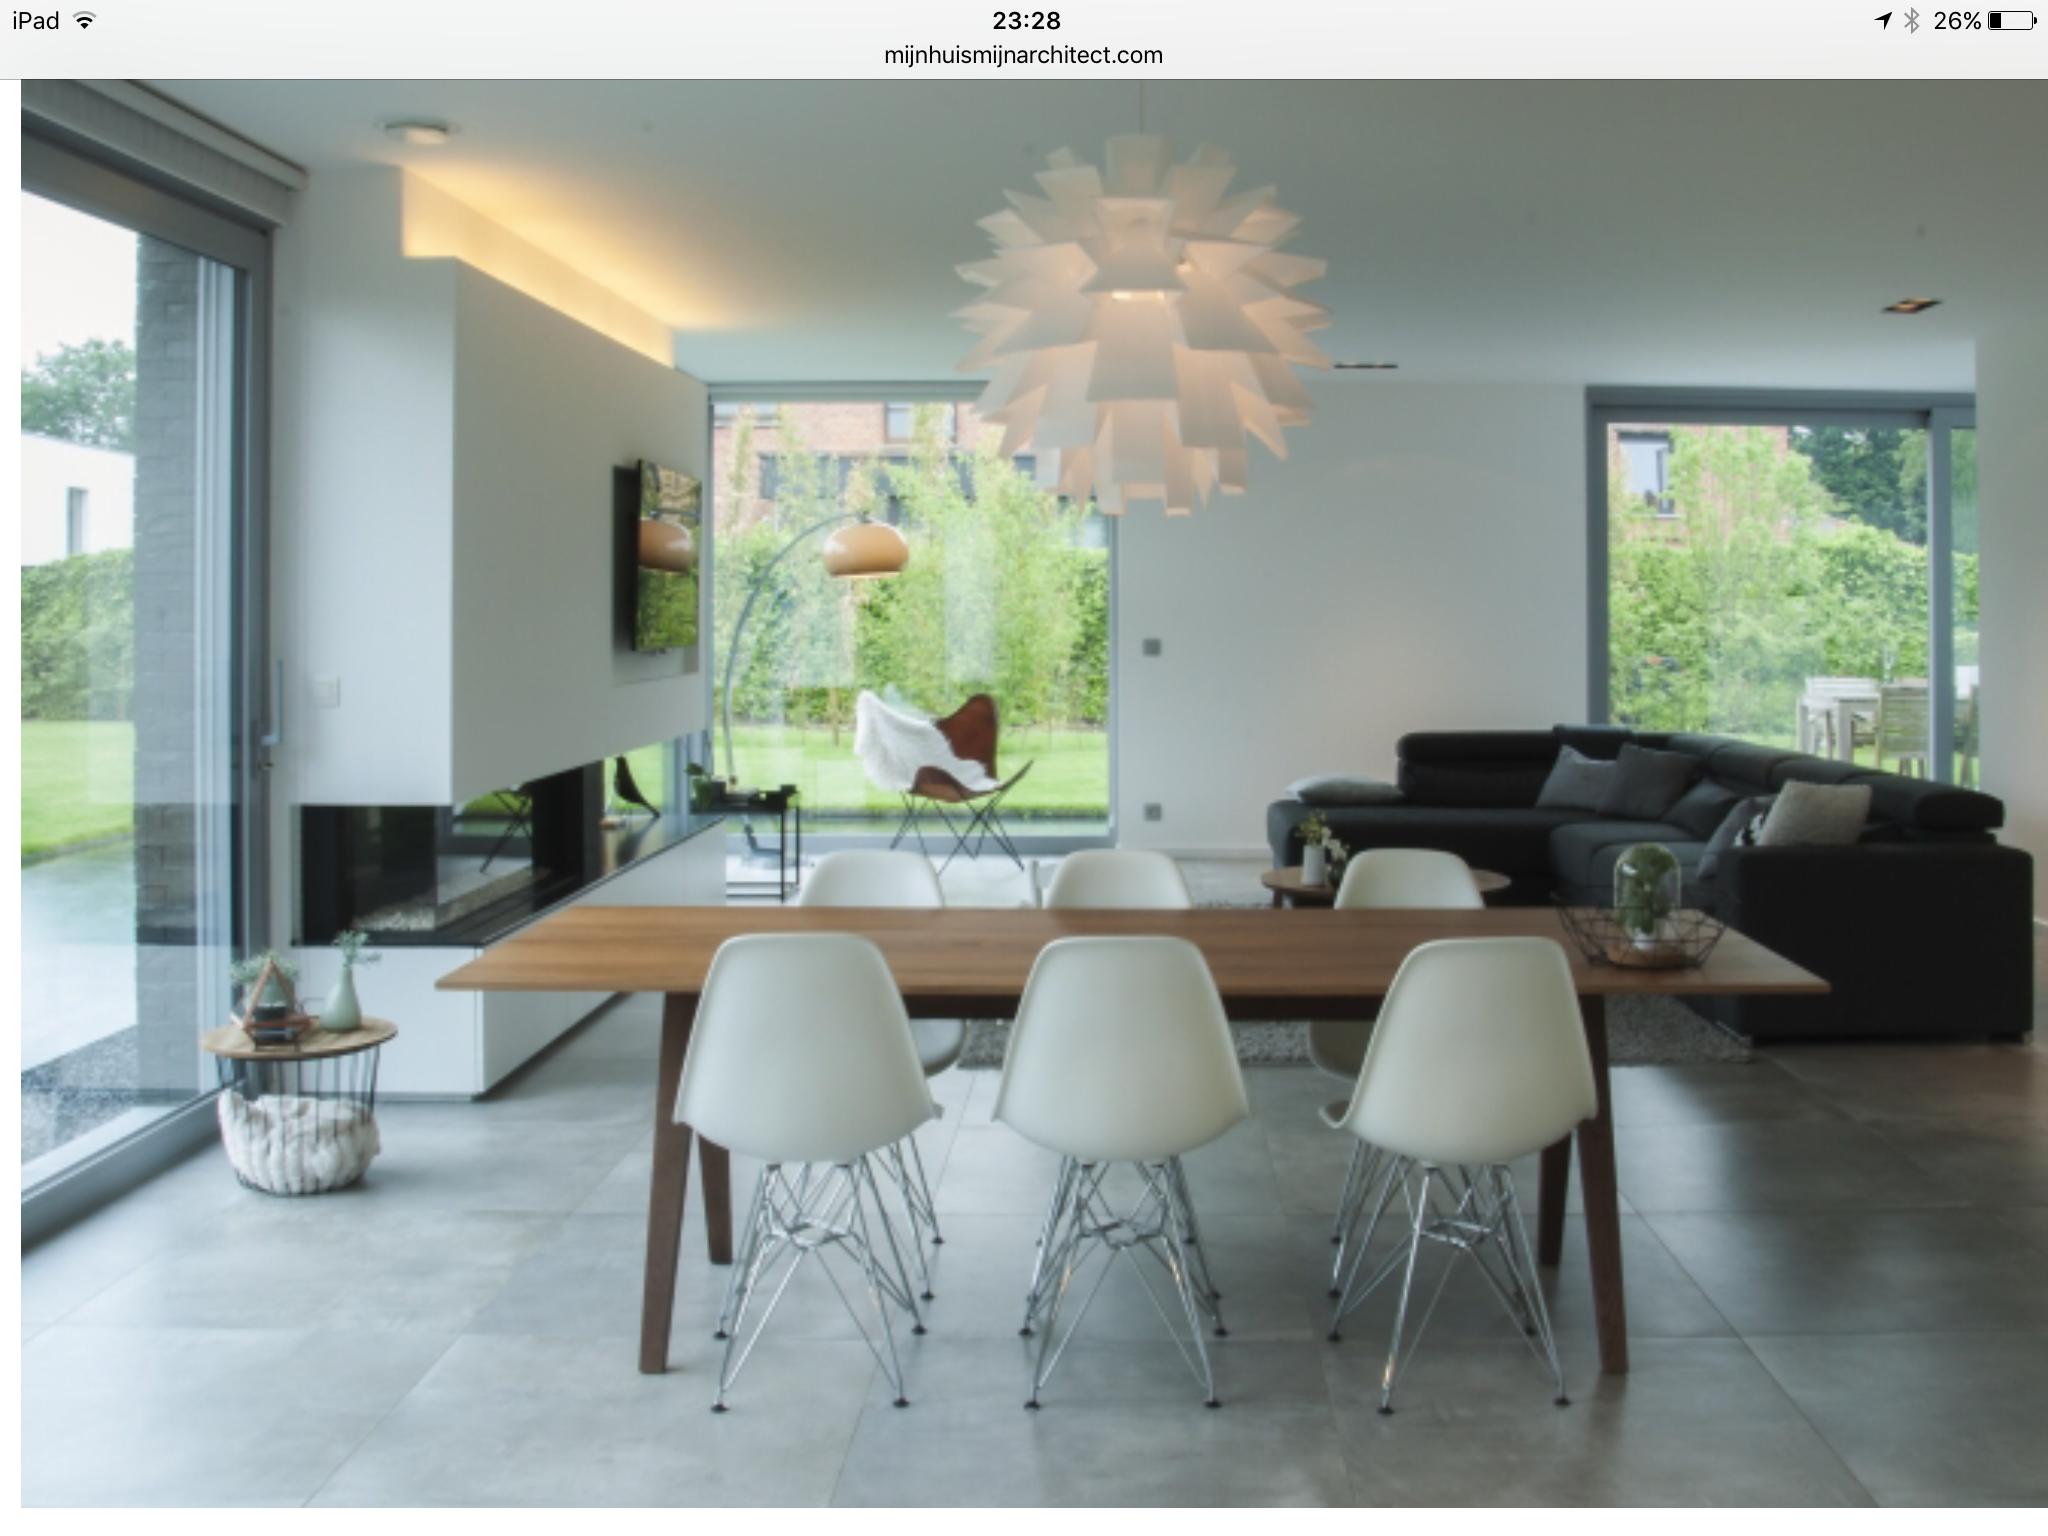 Fliesen wohnzimmer ~ Pin von winson tao auf interieur pinterest wohnen und häuschen